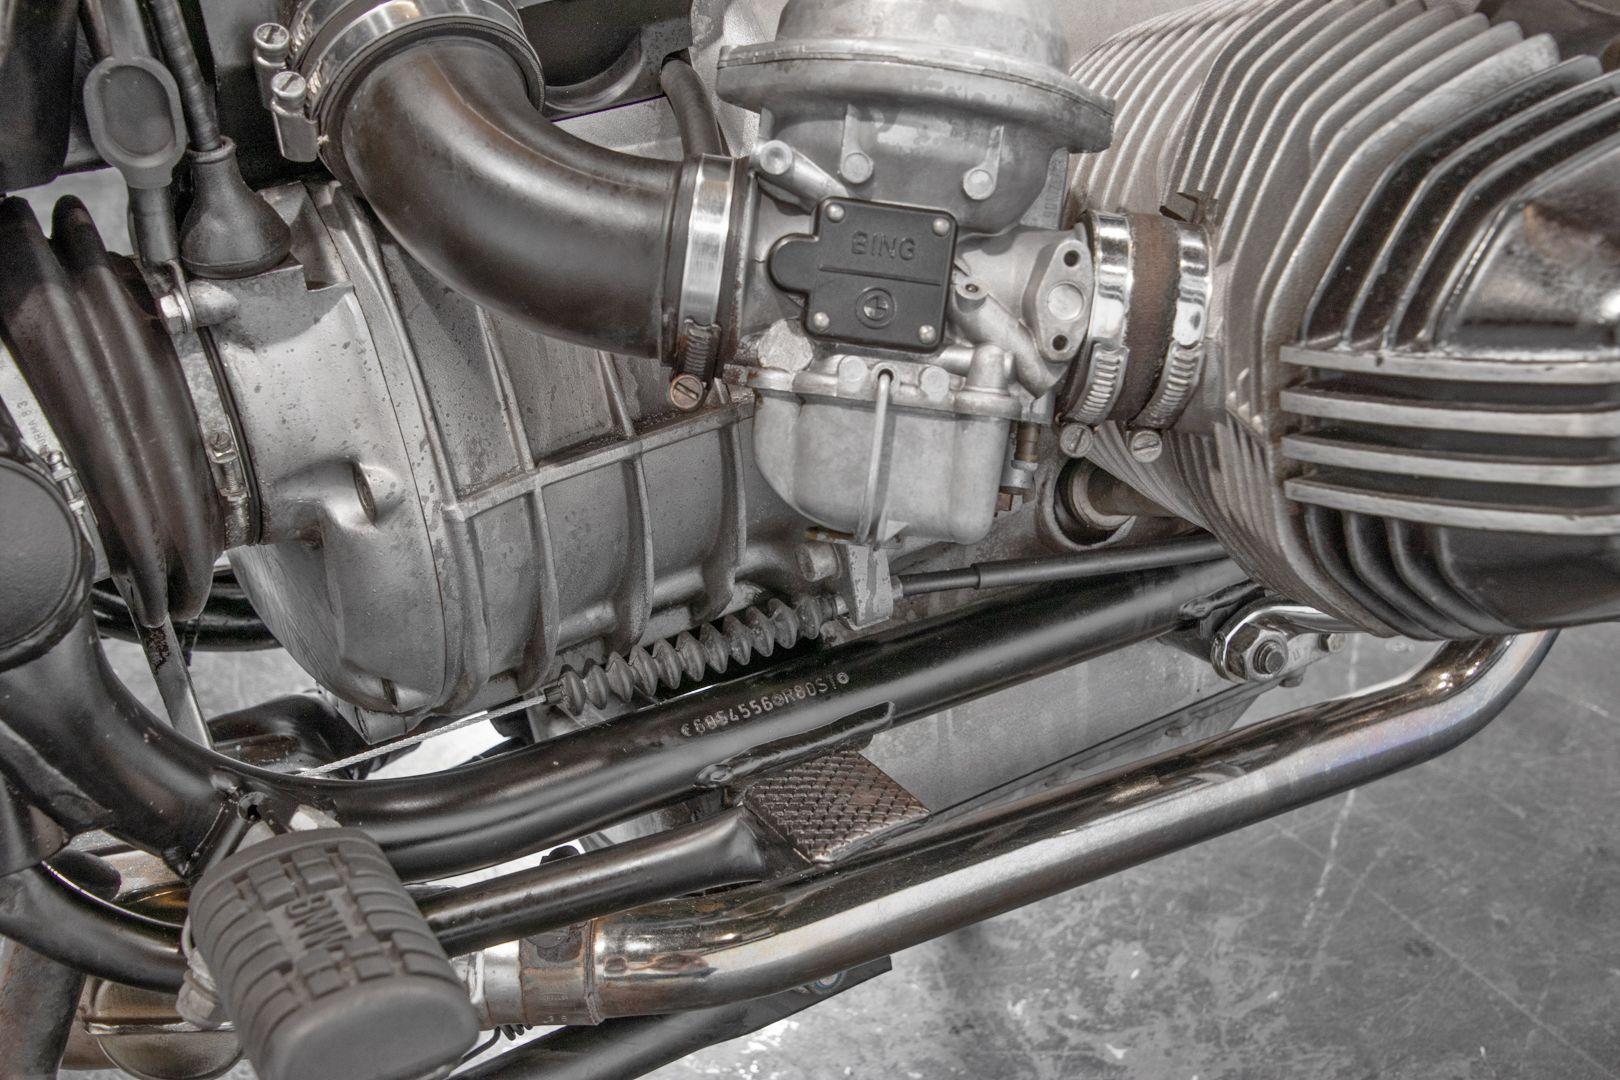 1983 Bmw R80 ST 41333